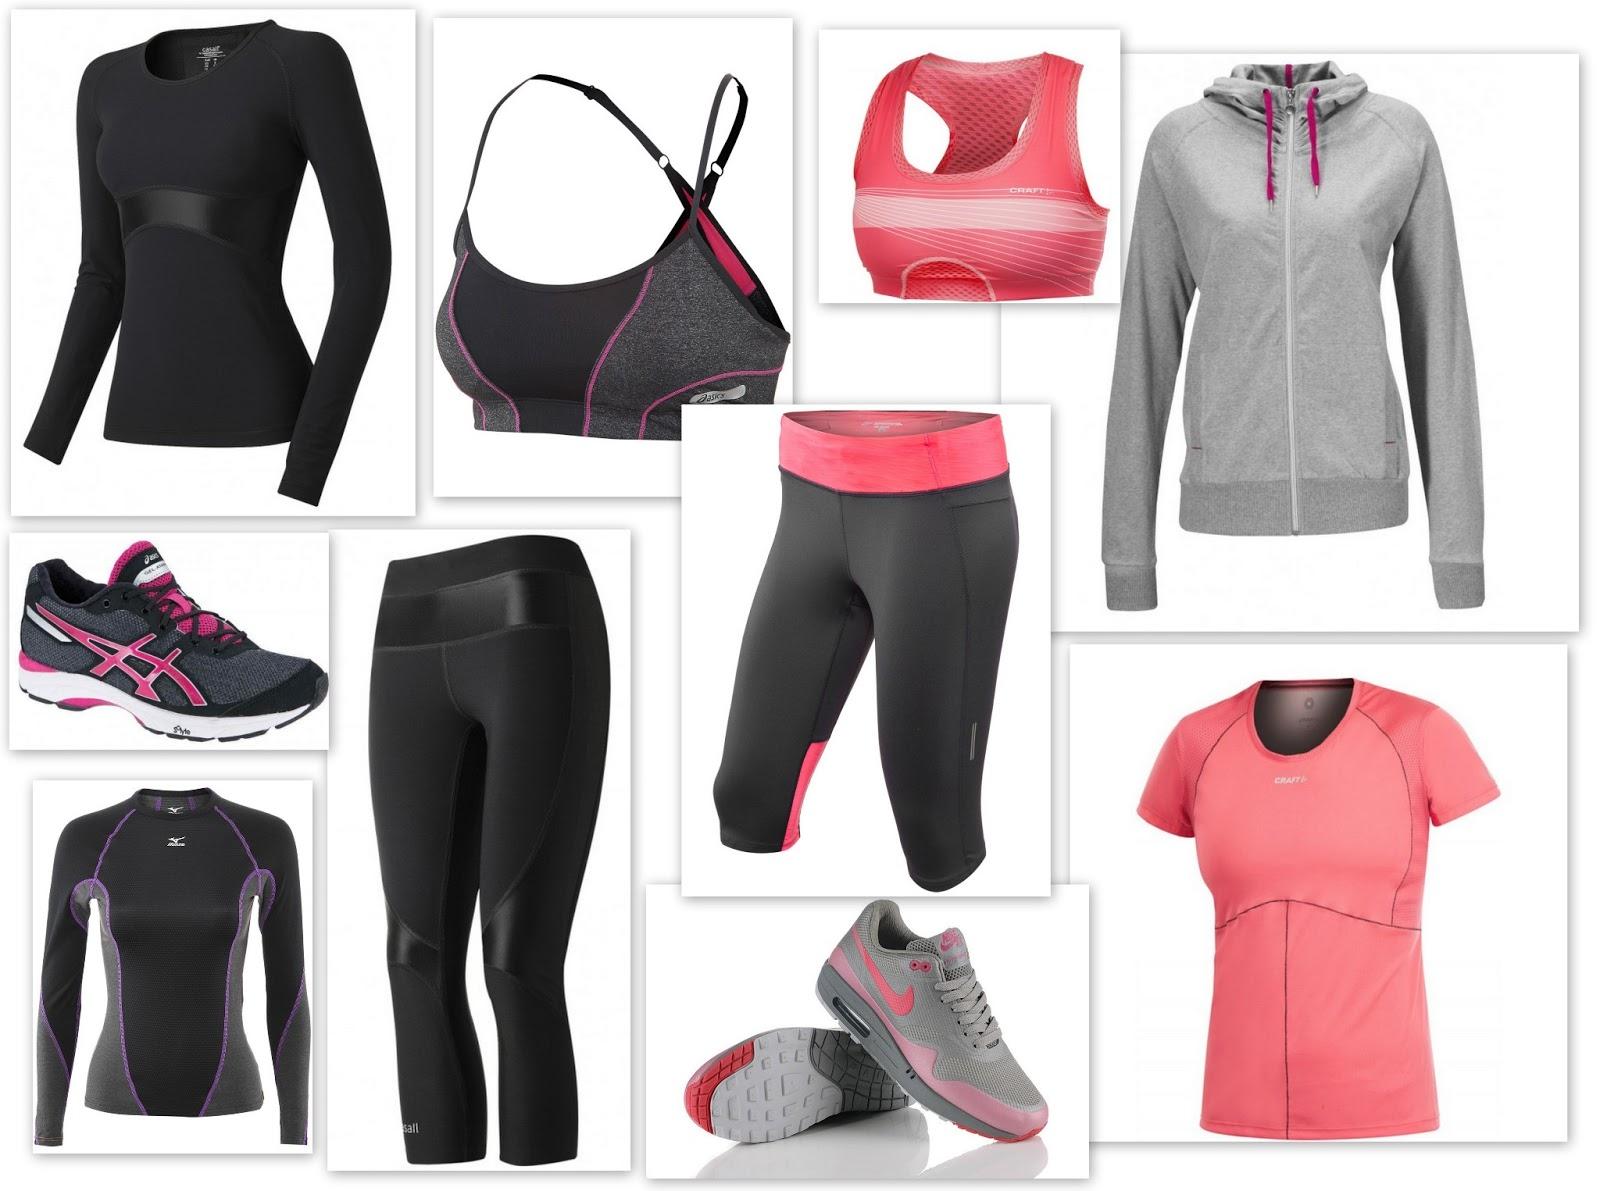 Как выбирать одежду и обувь для спорта | курсы и тренинги от лары серебрянской